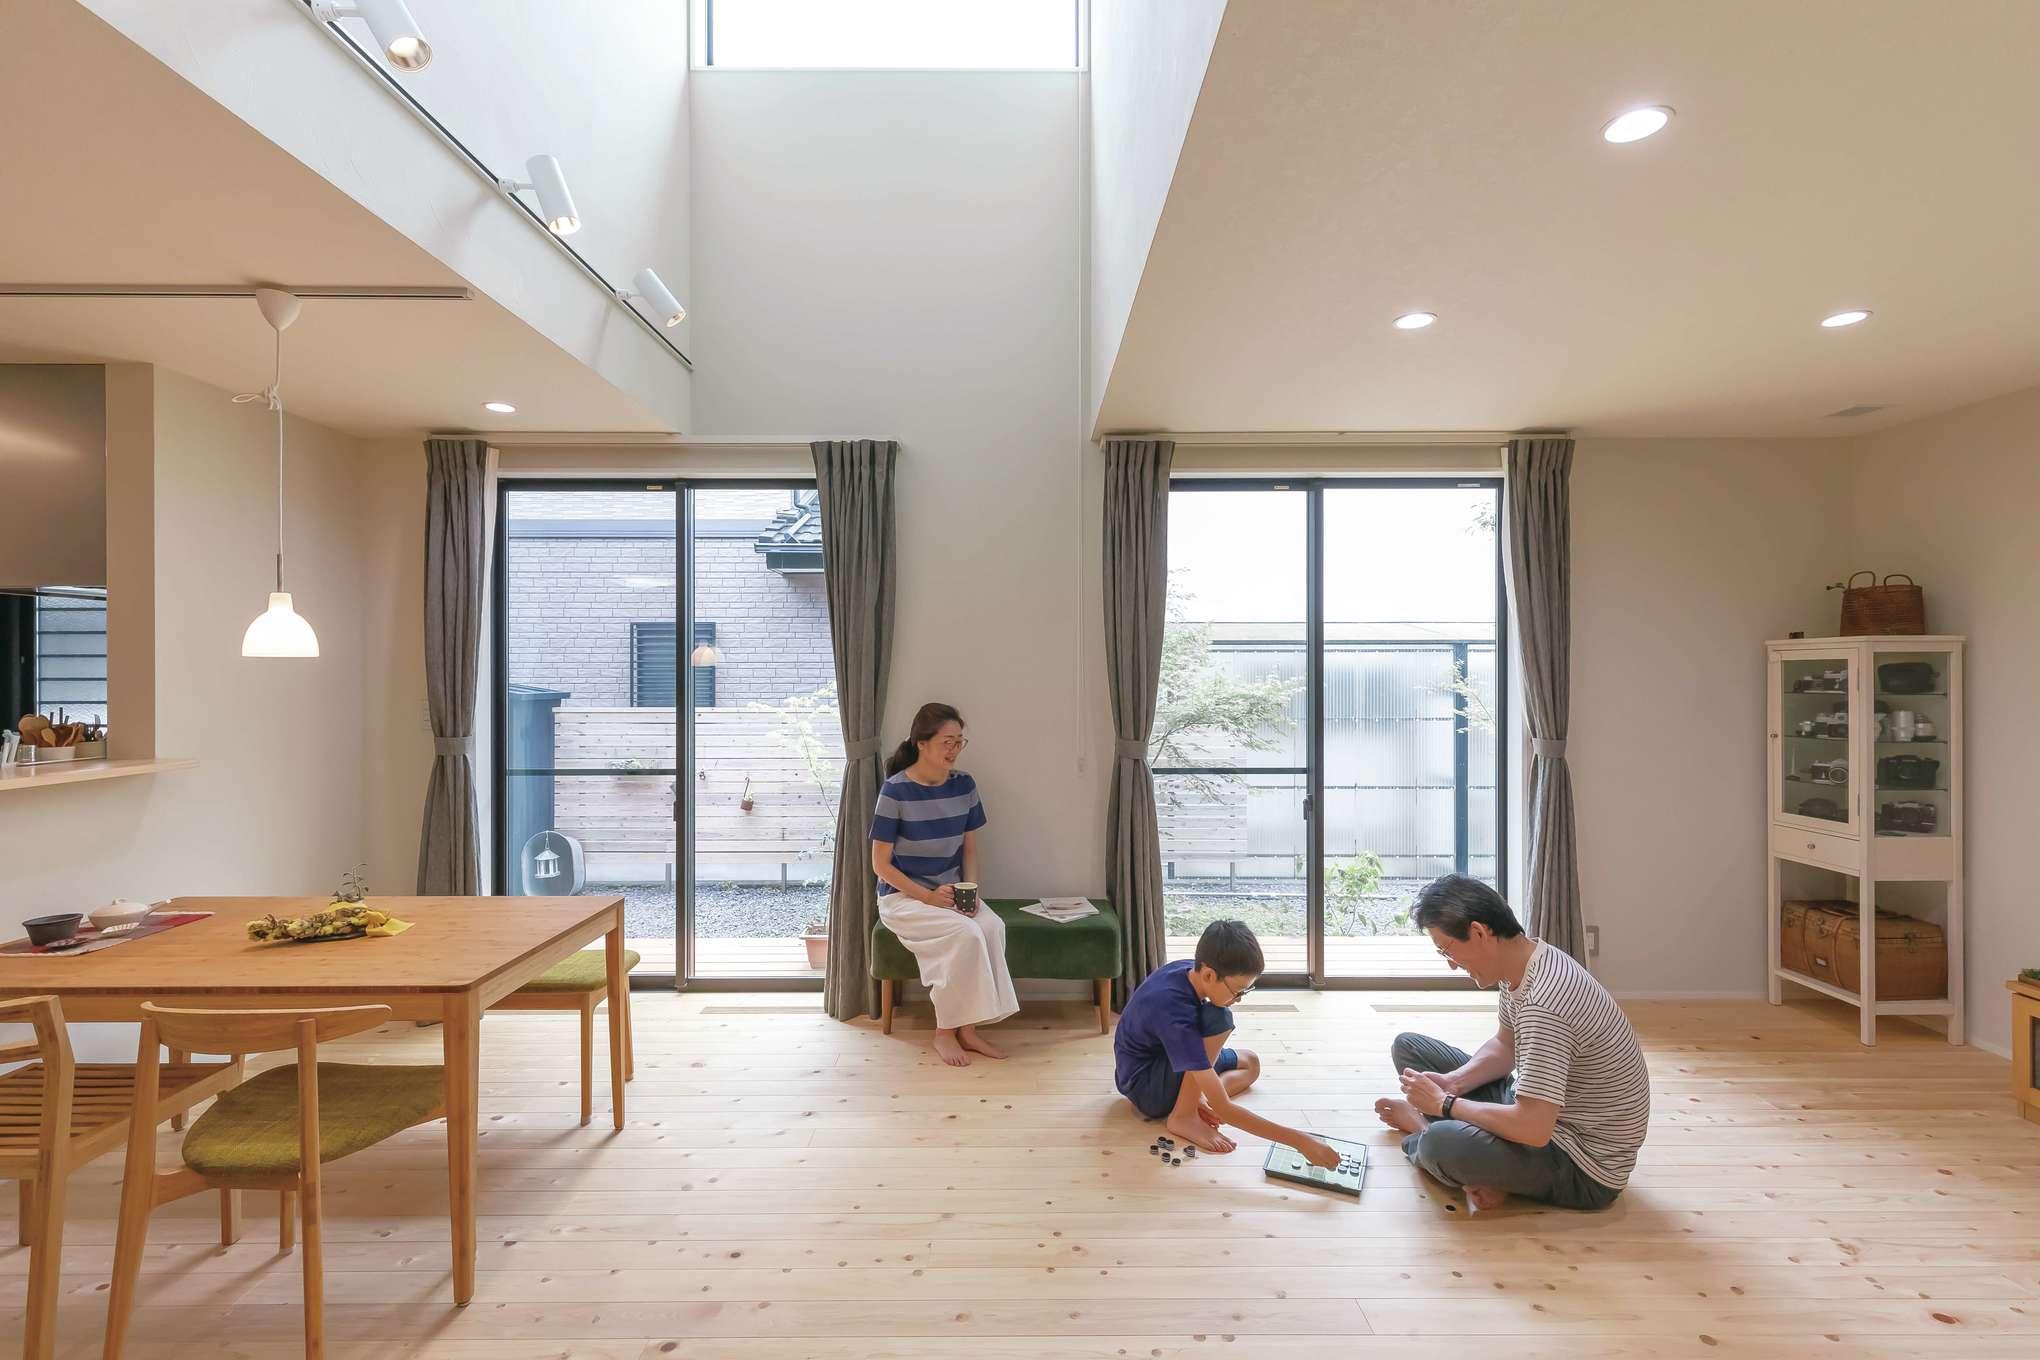 フジモクの家(富士木材)【デザイン住宅、子育て、自然素材】上質なヒノキの床とホタテペイントの壁に包まれた19畳のLDK。全館空調システムと自然素材の相乗効果により、家中の温度差がなく、空気がさらっとしている。ルイス・ポールセンのペンダントライトがシンプルな空間のアクセントに